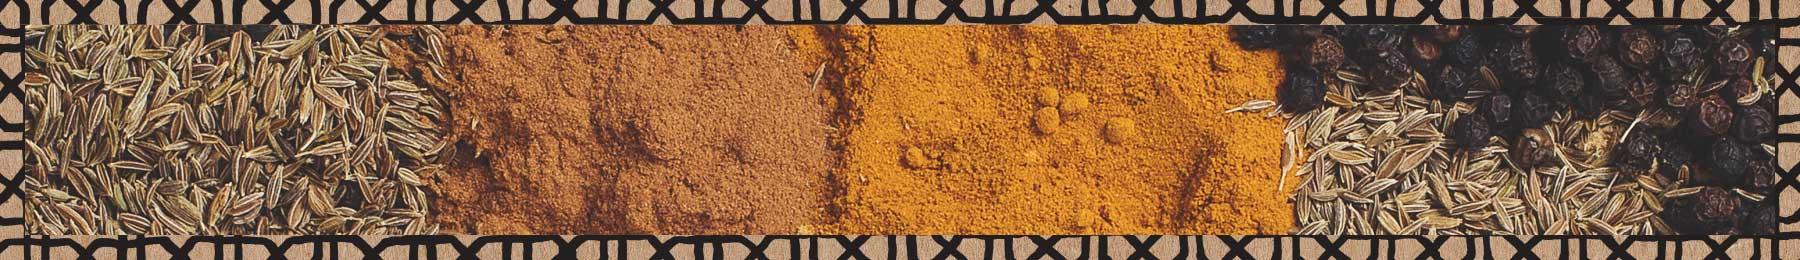 Currypulver kaufen